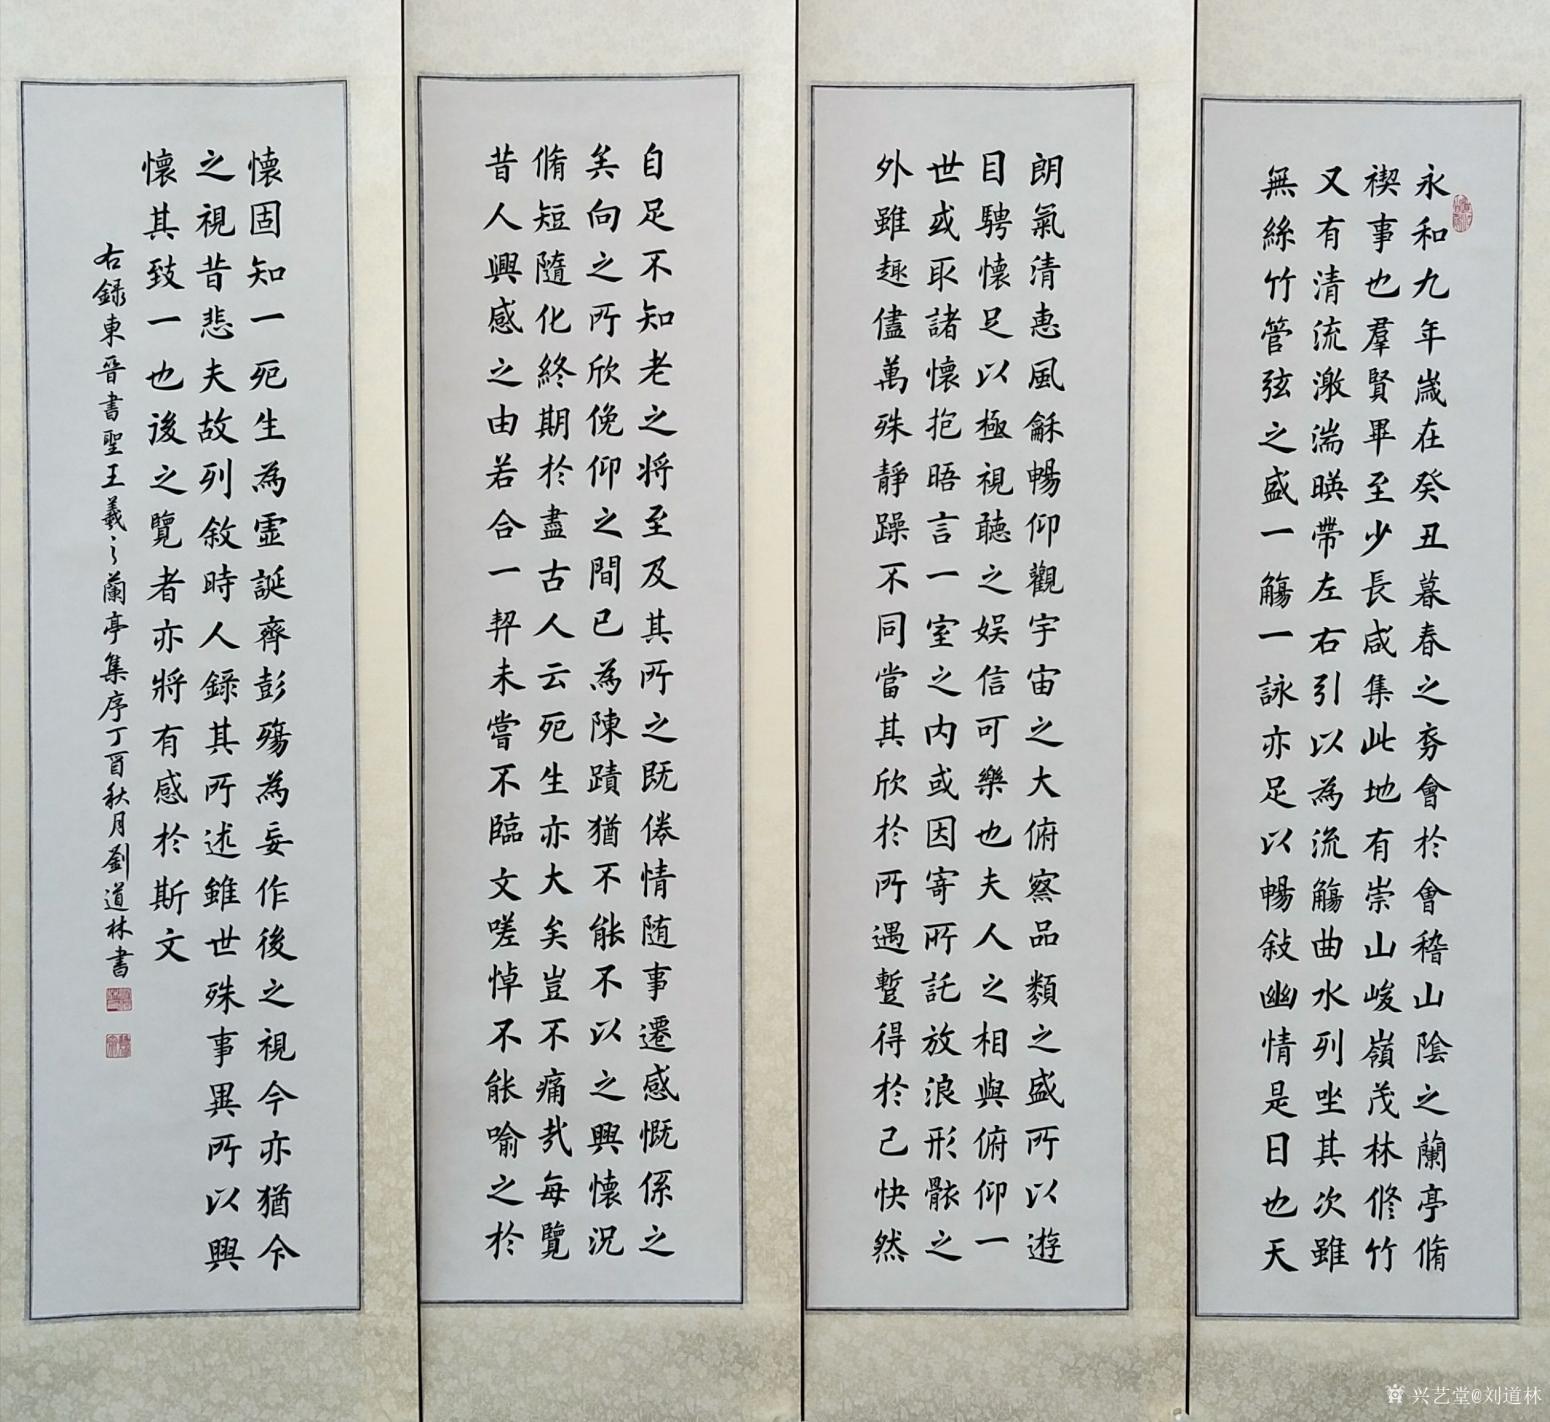 刘道林书法作品《兰亭集序四条屛》